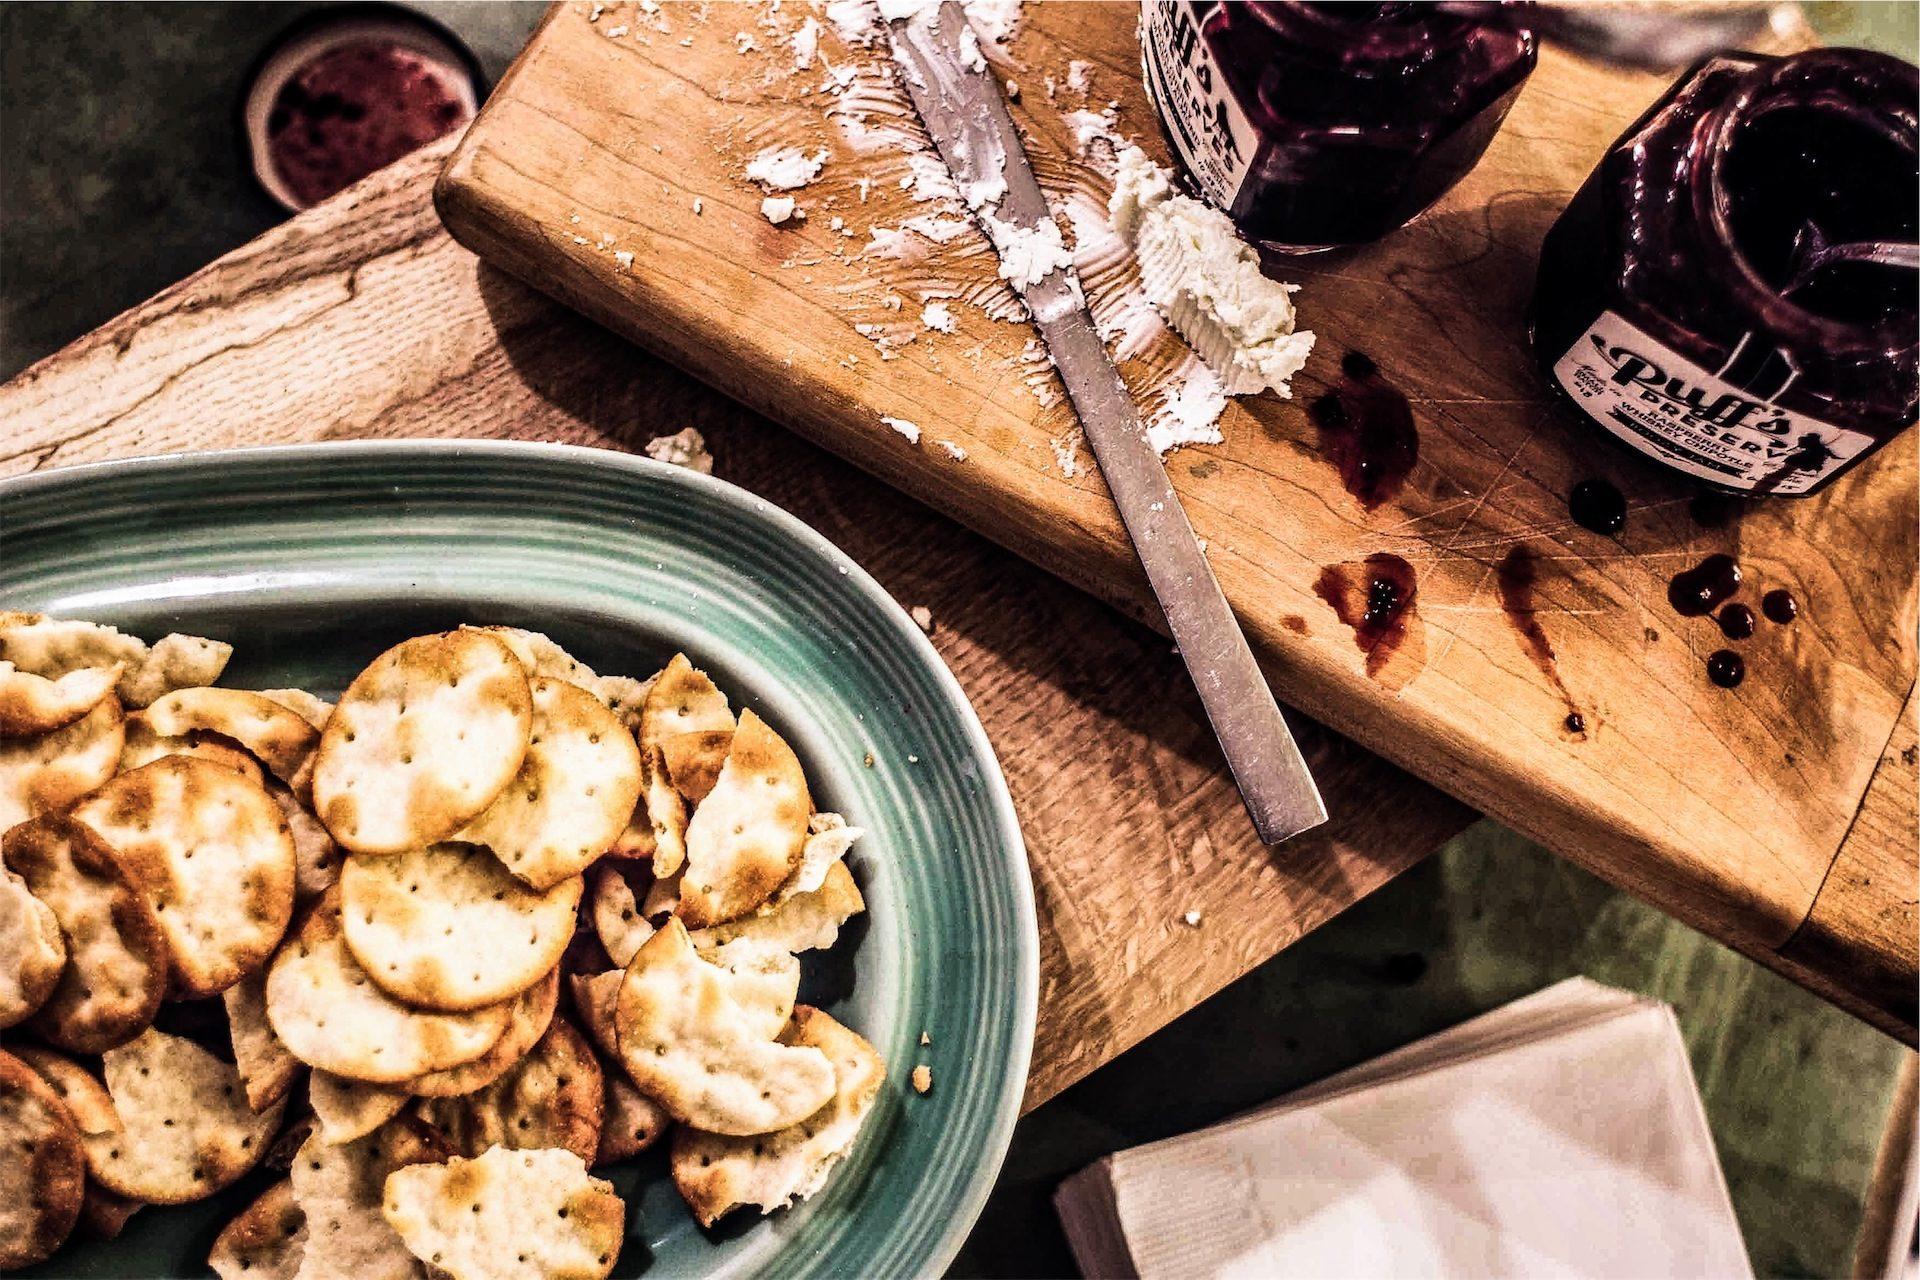 печенье, соленый, Джем, Малина, столы, нож - Обои HD - Профессор falken.com